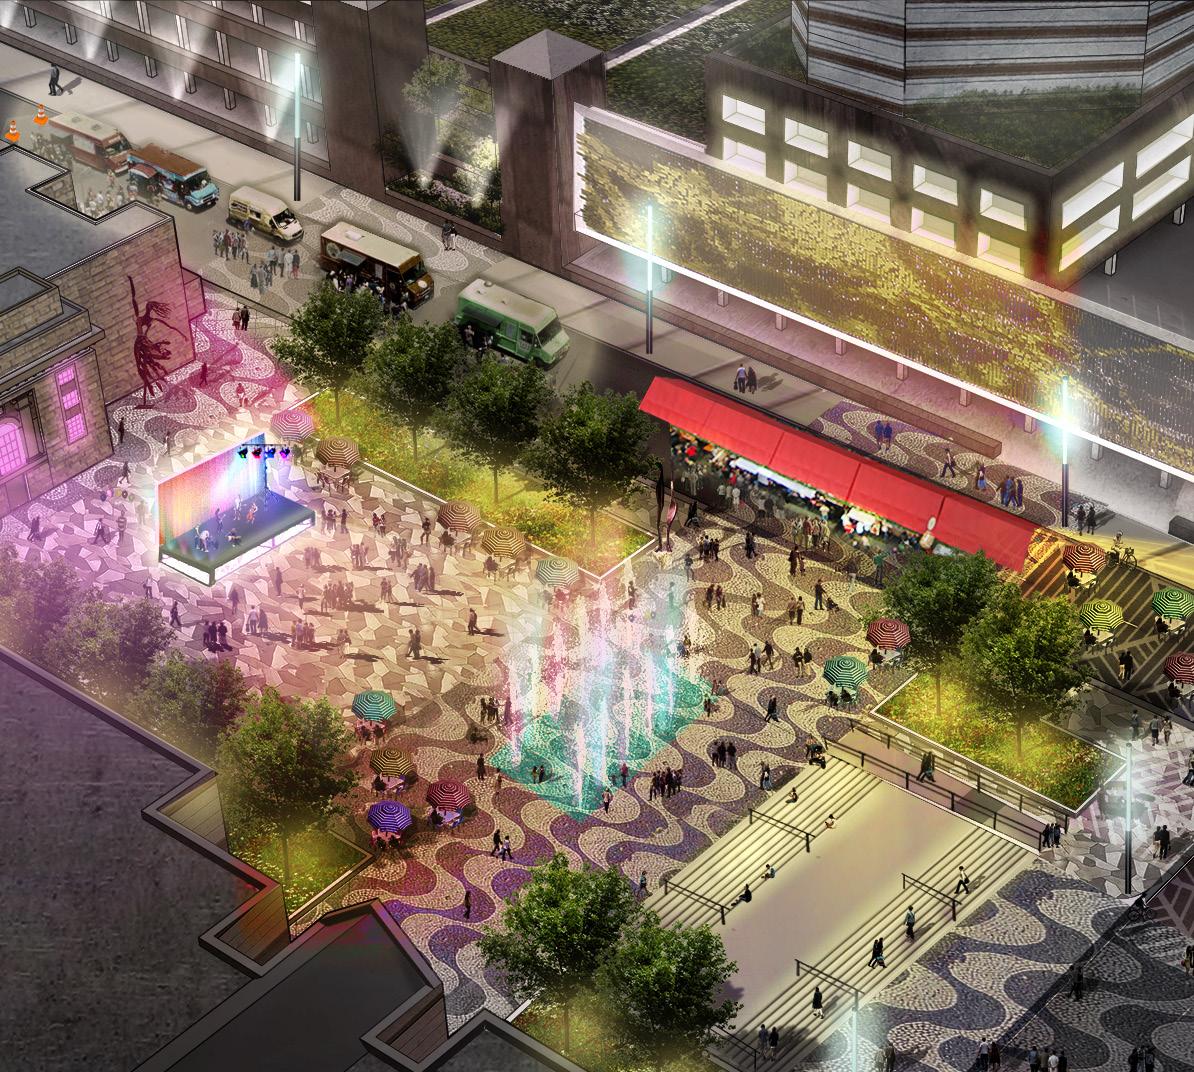 CAROLINA THEATRE-CONVENTION CENTER PLAZA - NIGHT VISION